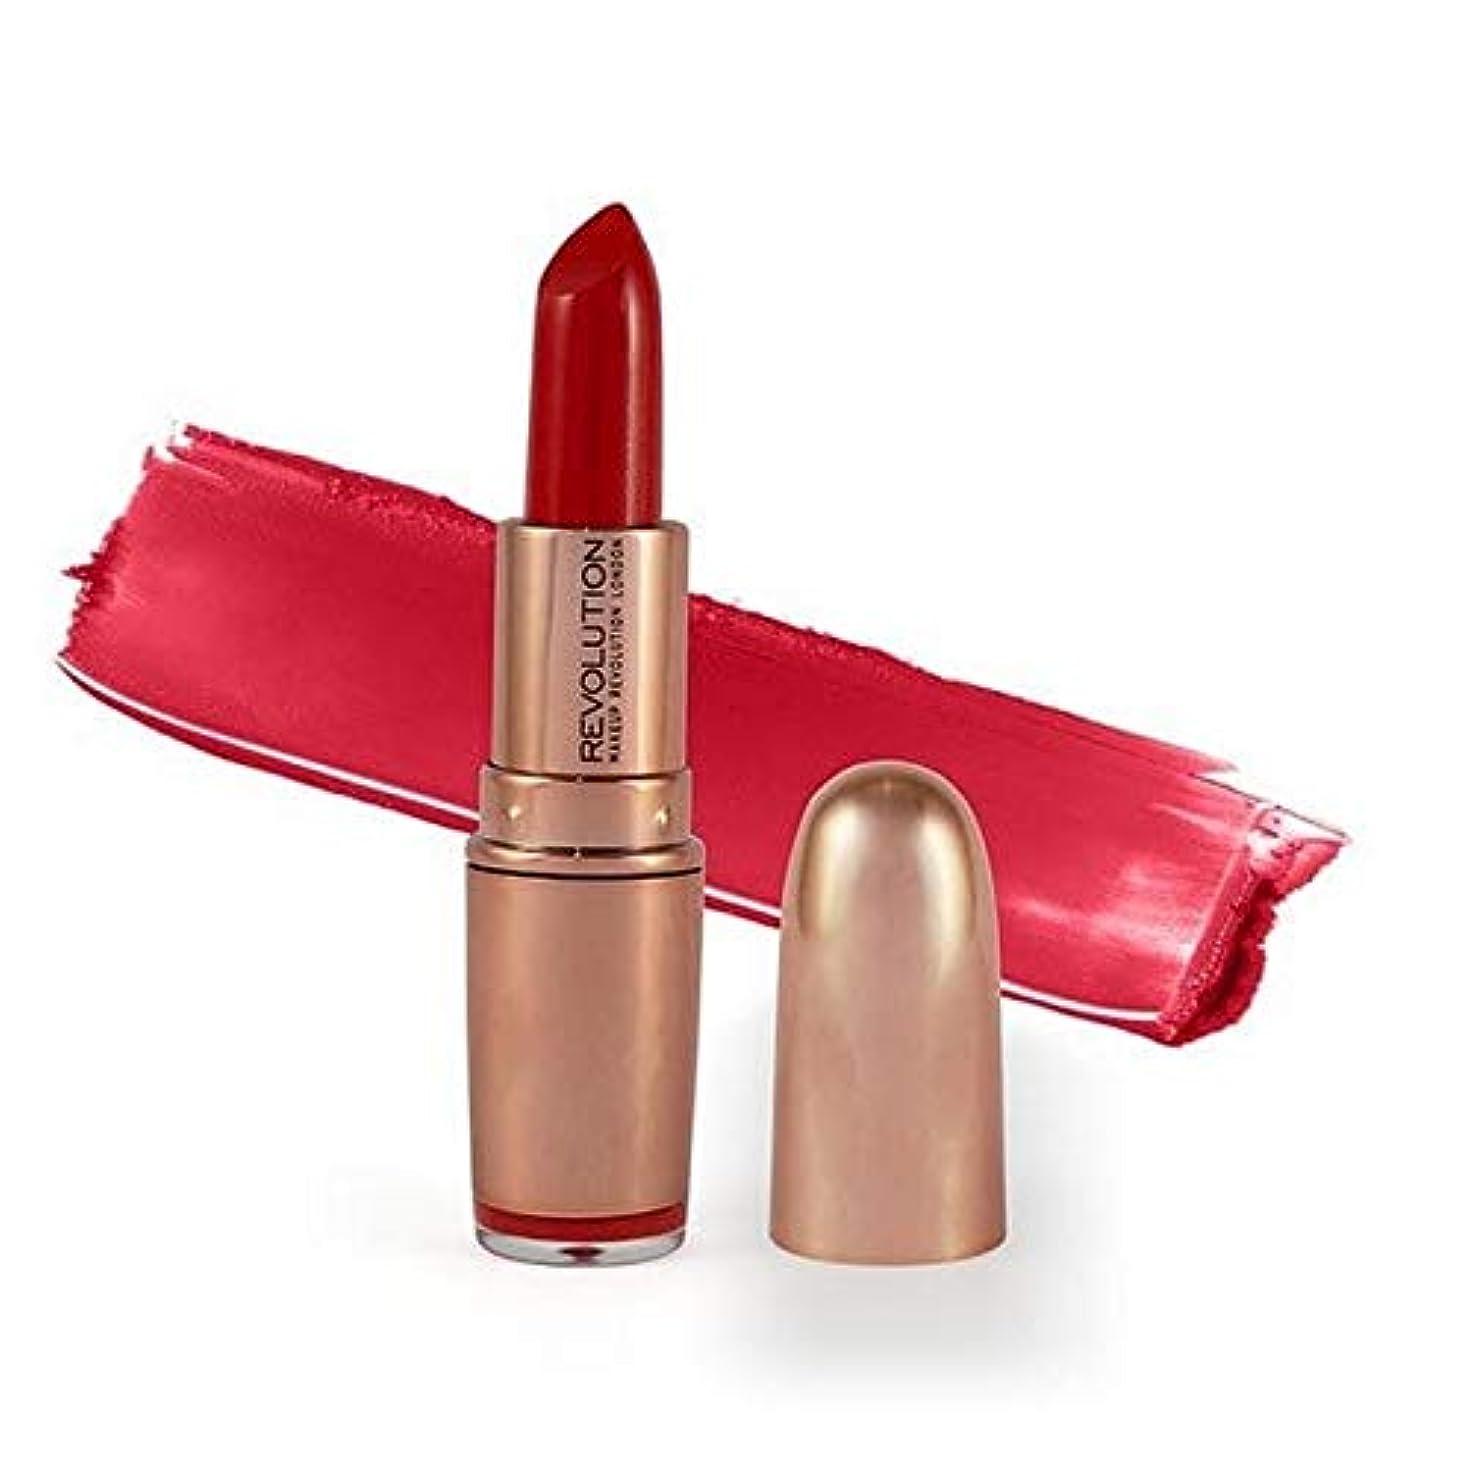 ライバル払い戻しおとなしい[Revolution ] 革命は、金口紅レッドカーペット3.2グラムをバラ - Revolution Rose Gold Lipstick Red Carpet 3.2G [並行輸入品]